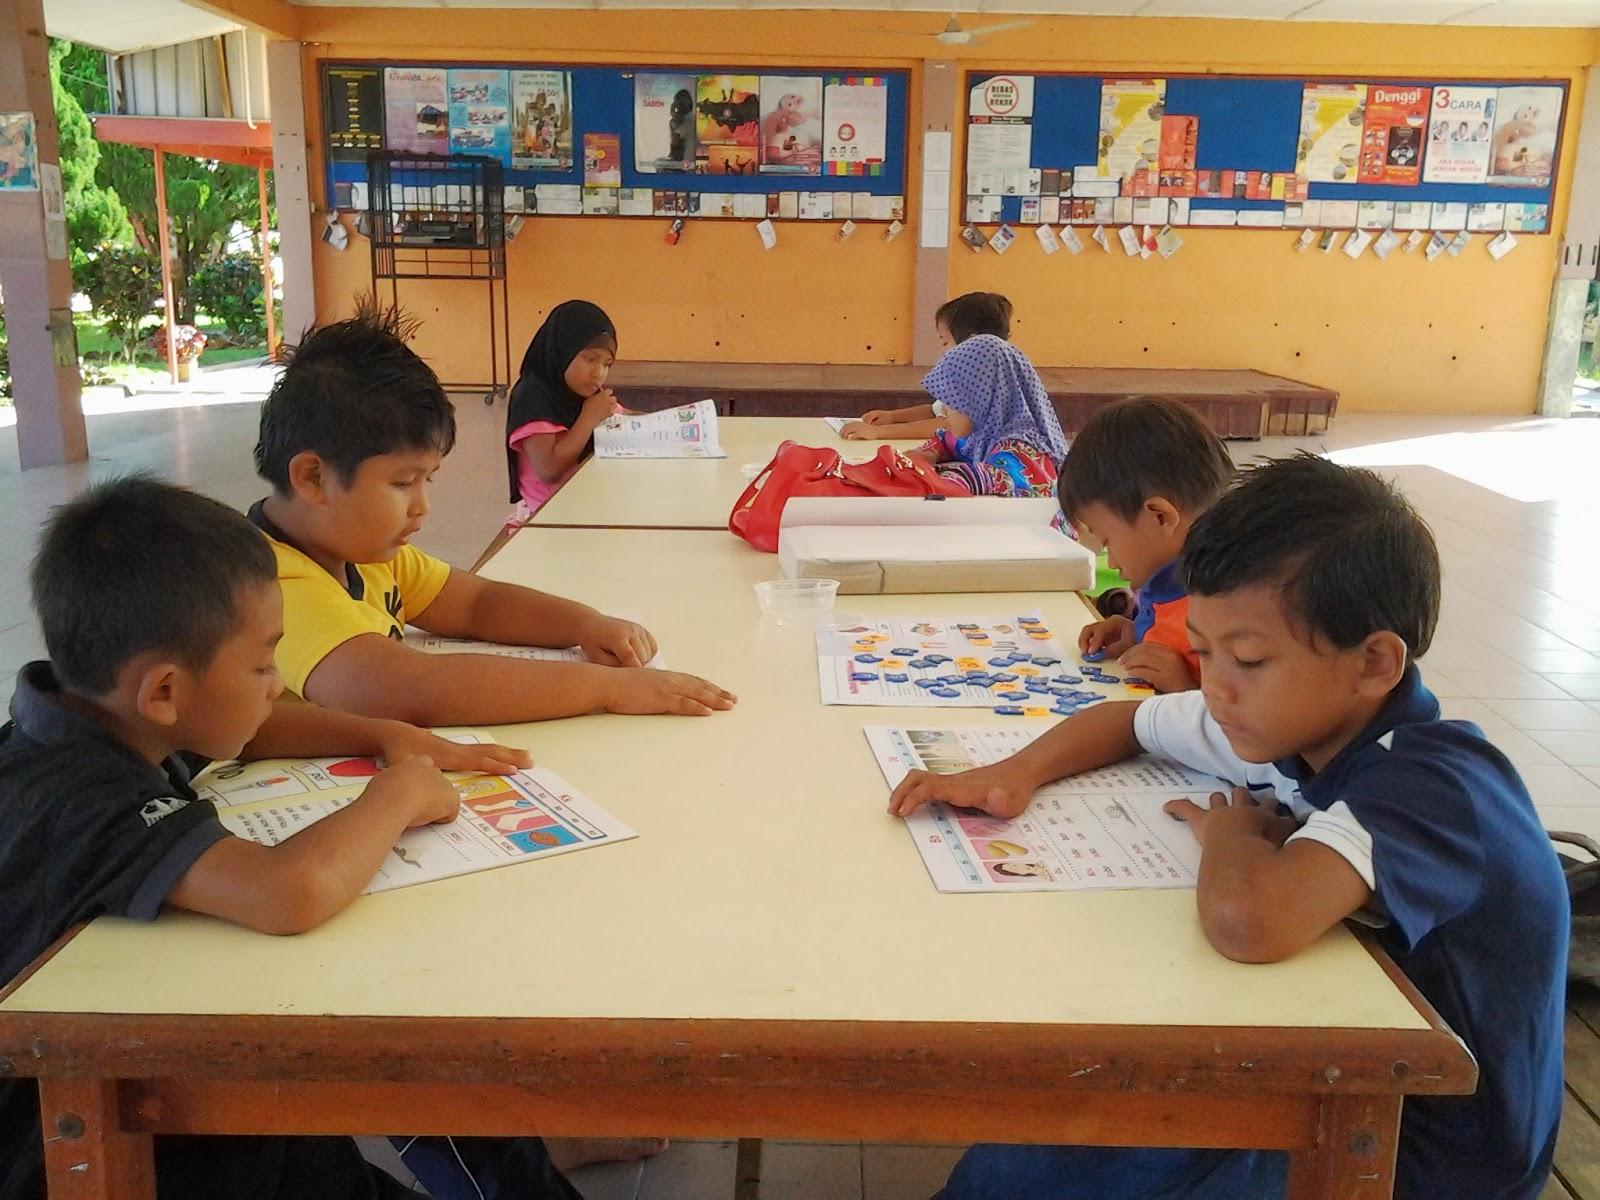 Qudwah Hasanah Kdc Kelas Dalam Cuti